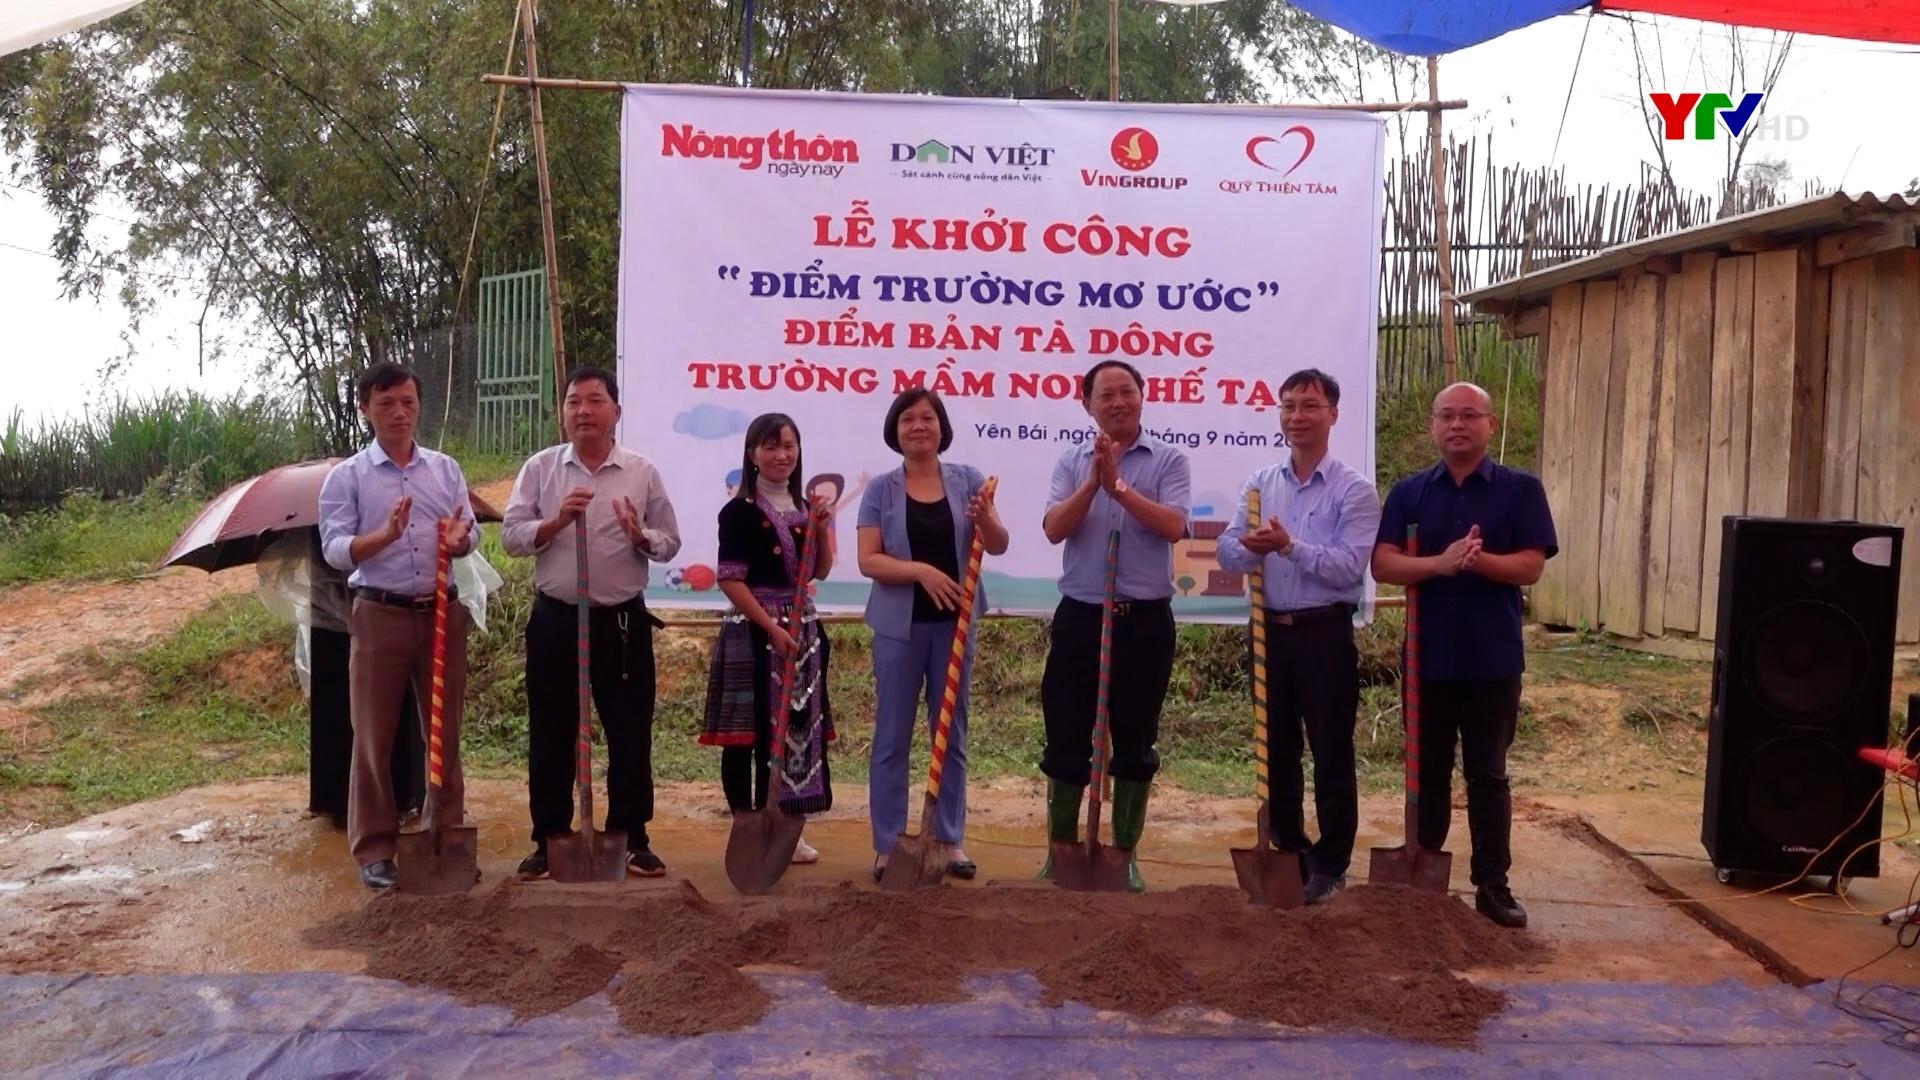 Khởi công điểm trường Mầm non Tà Dông xã Chế Tạo, huyện Mù Cang Chải